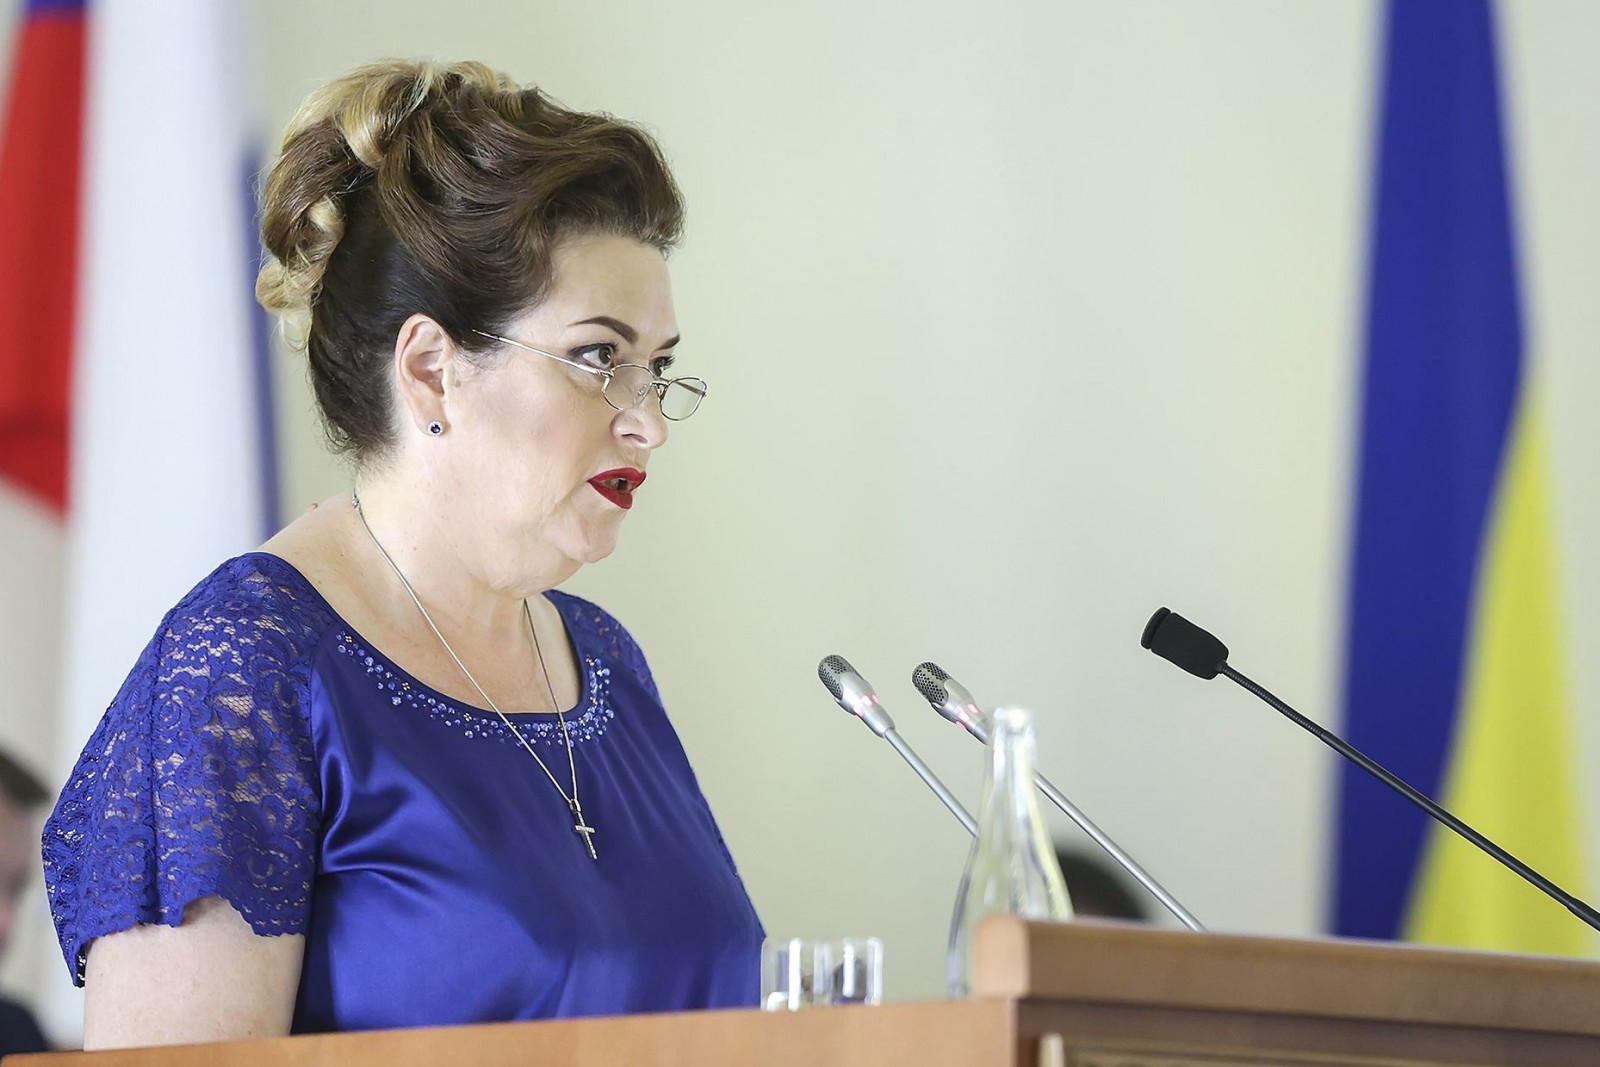 Ростовский министр здравоохранения ушла на пенсию после скандала со смертью 13 пациентов